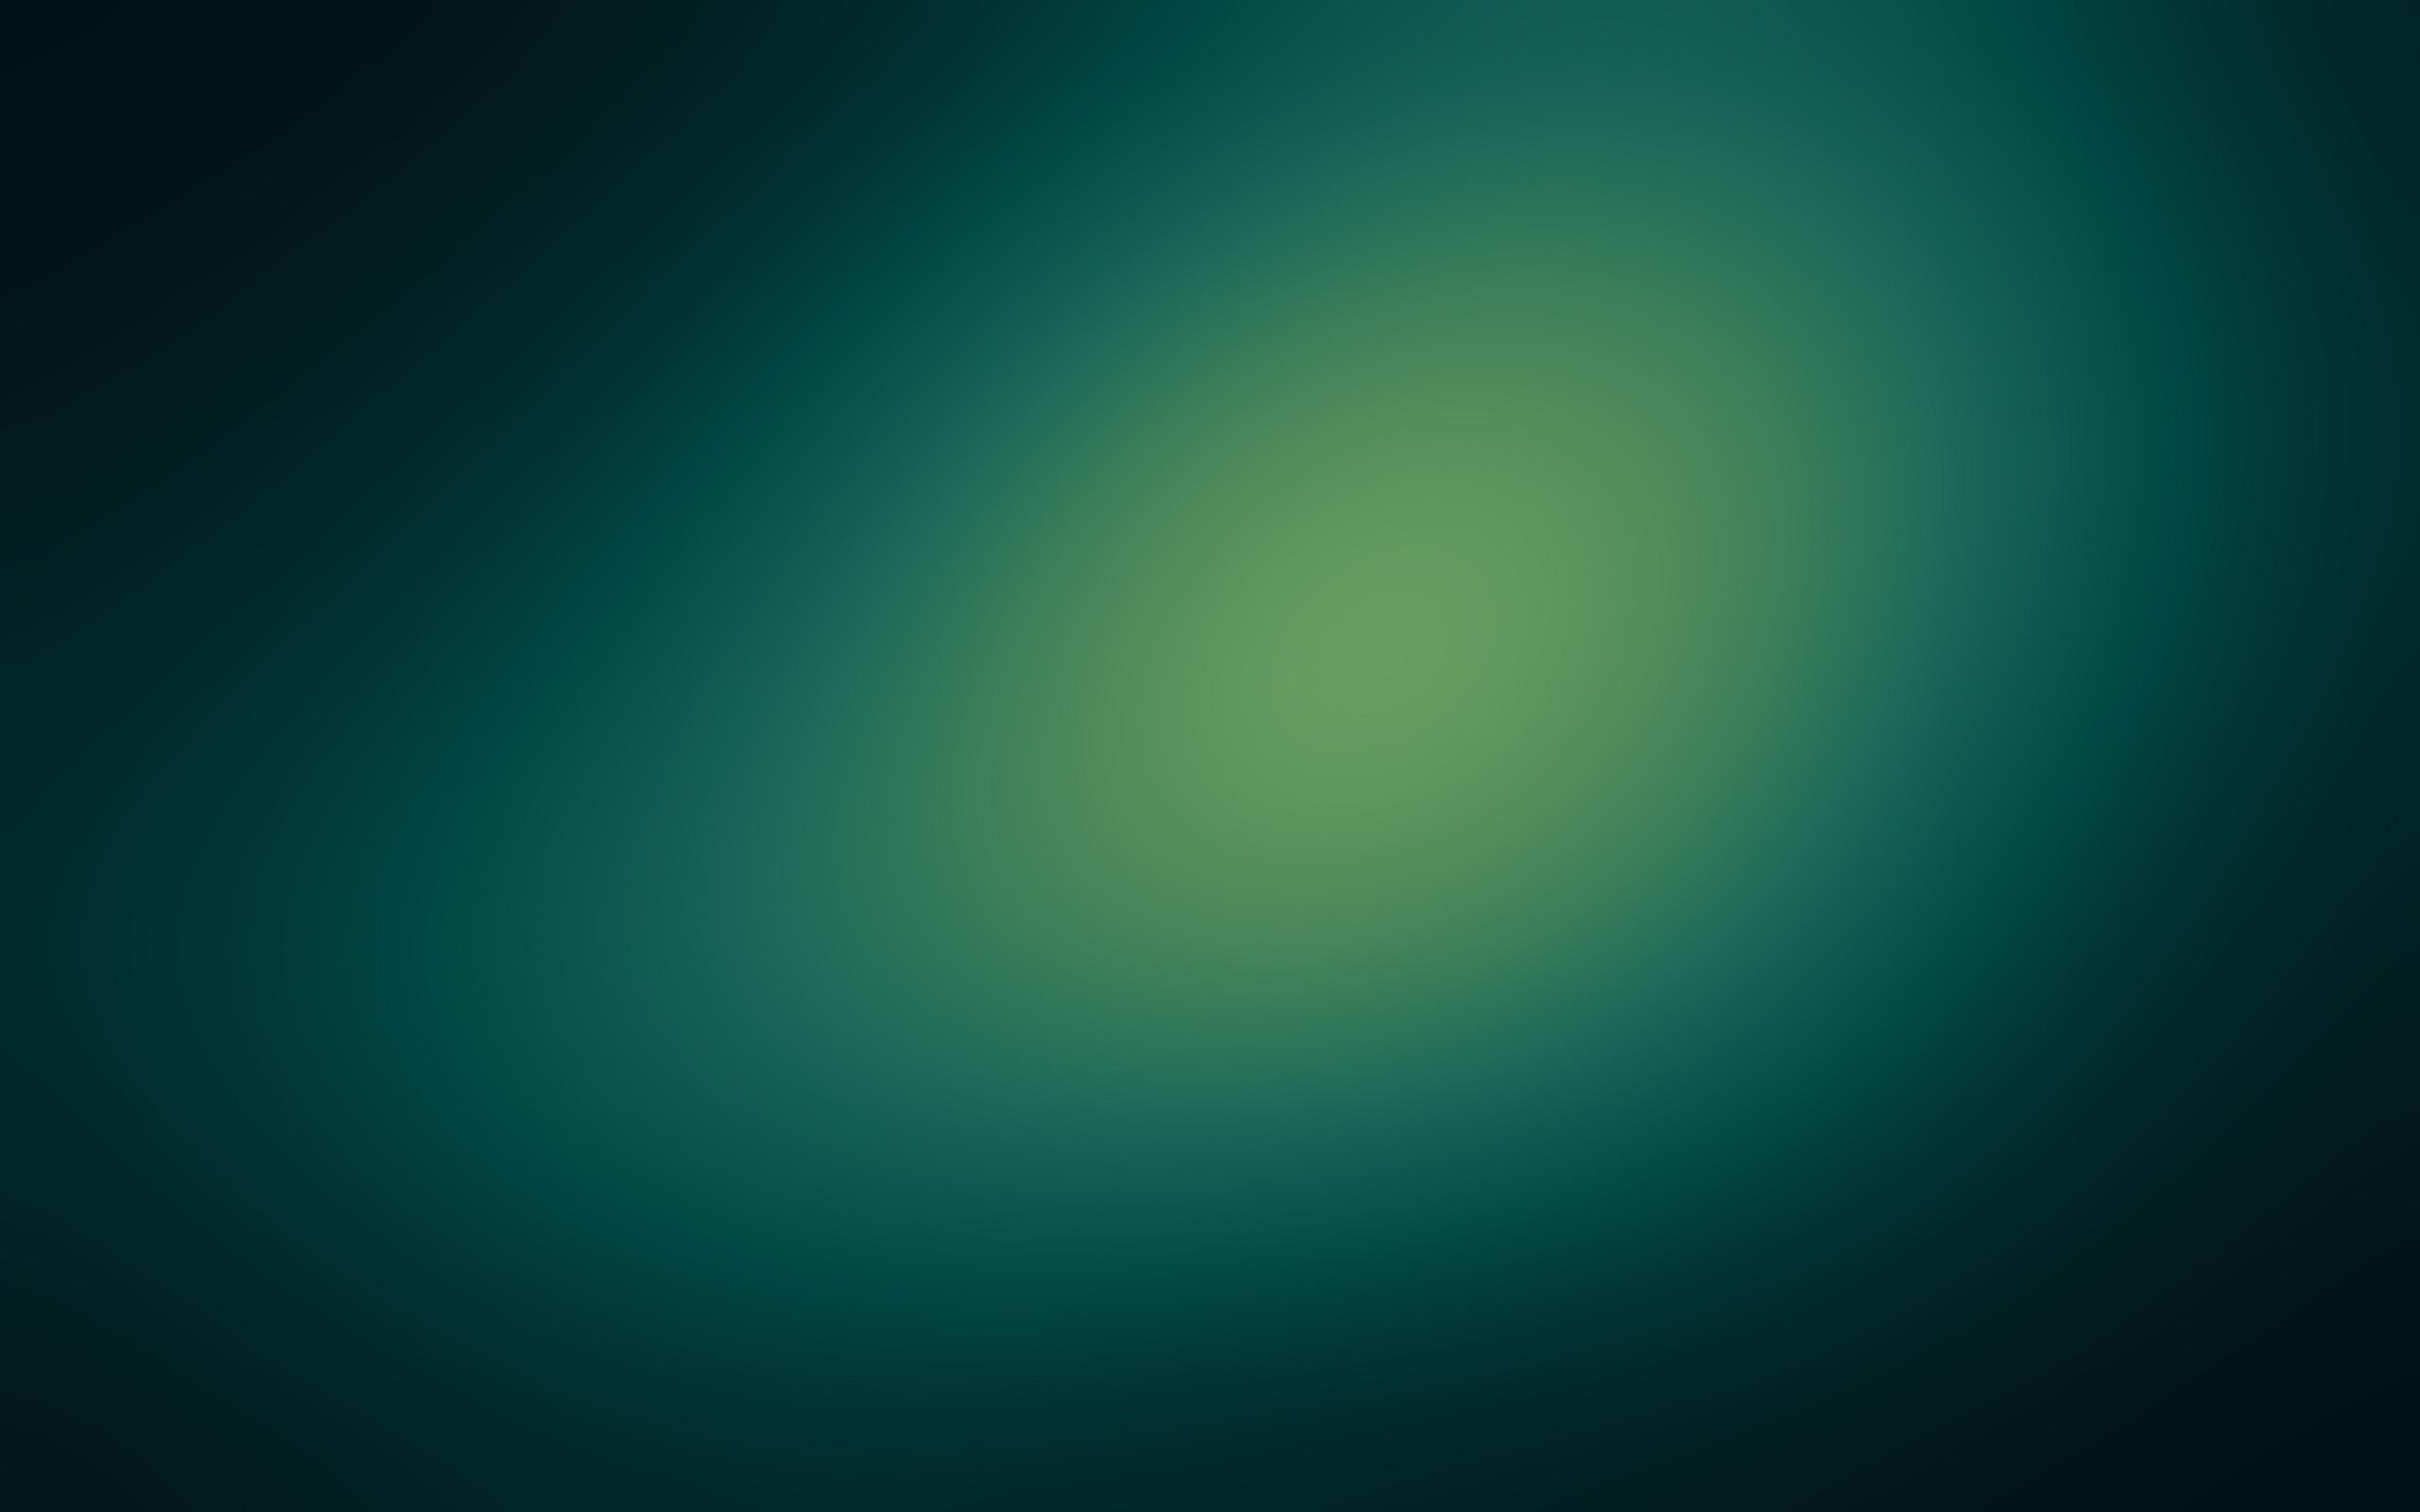 Dark Green Light Wallpaper